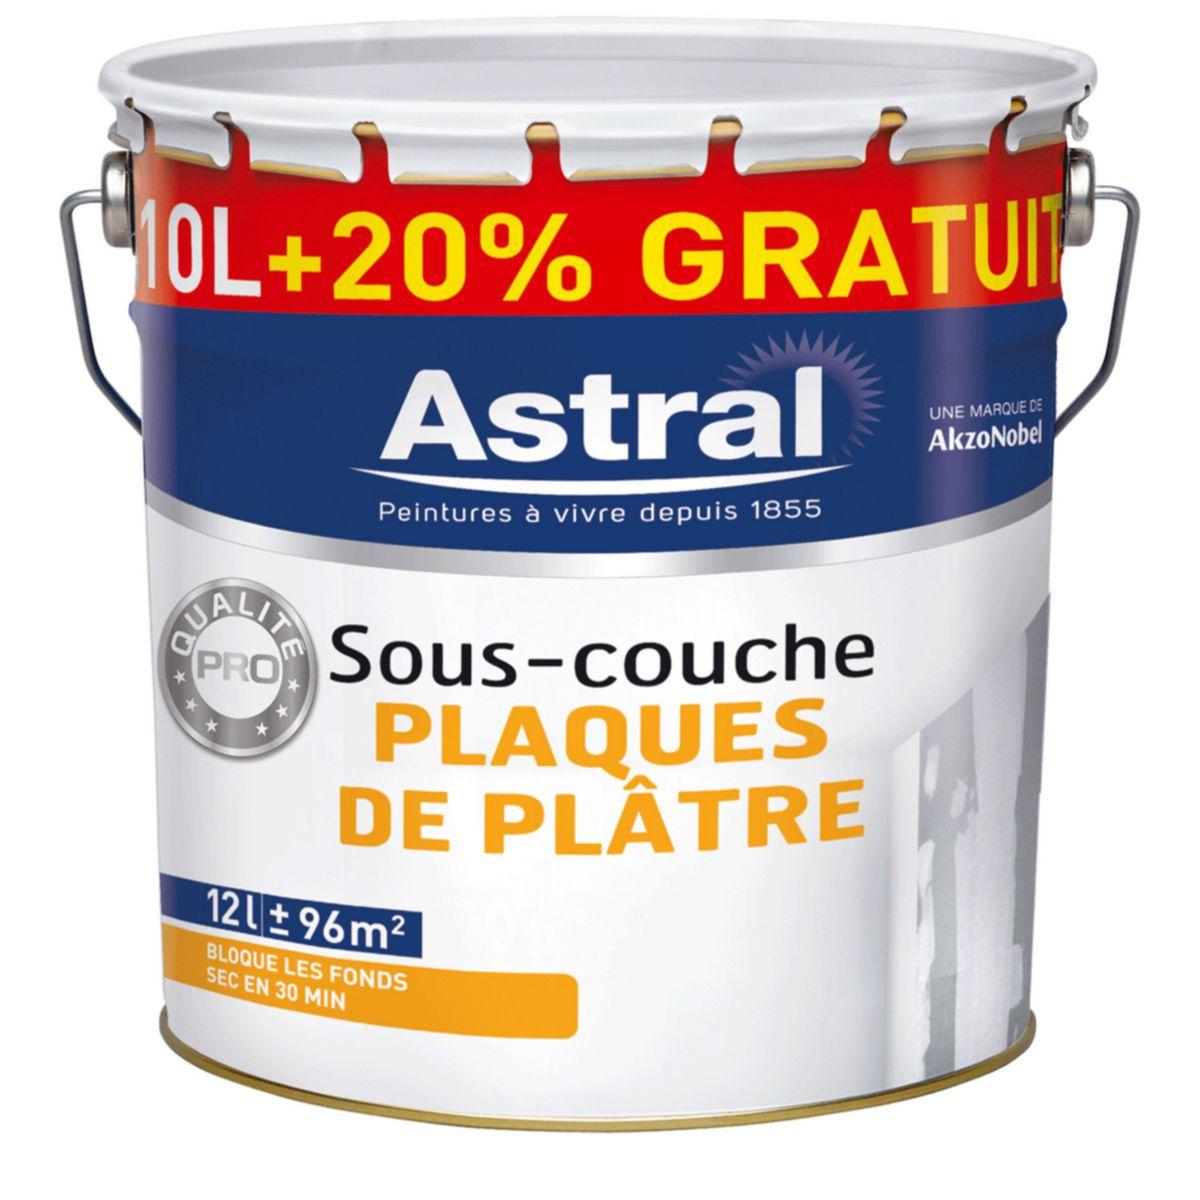 peinture ligne pro mono sous couche pour plaque de pltre 10 l 20 akzo nobel outillage quincaillerie distributeur de matriaux de construction